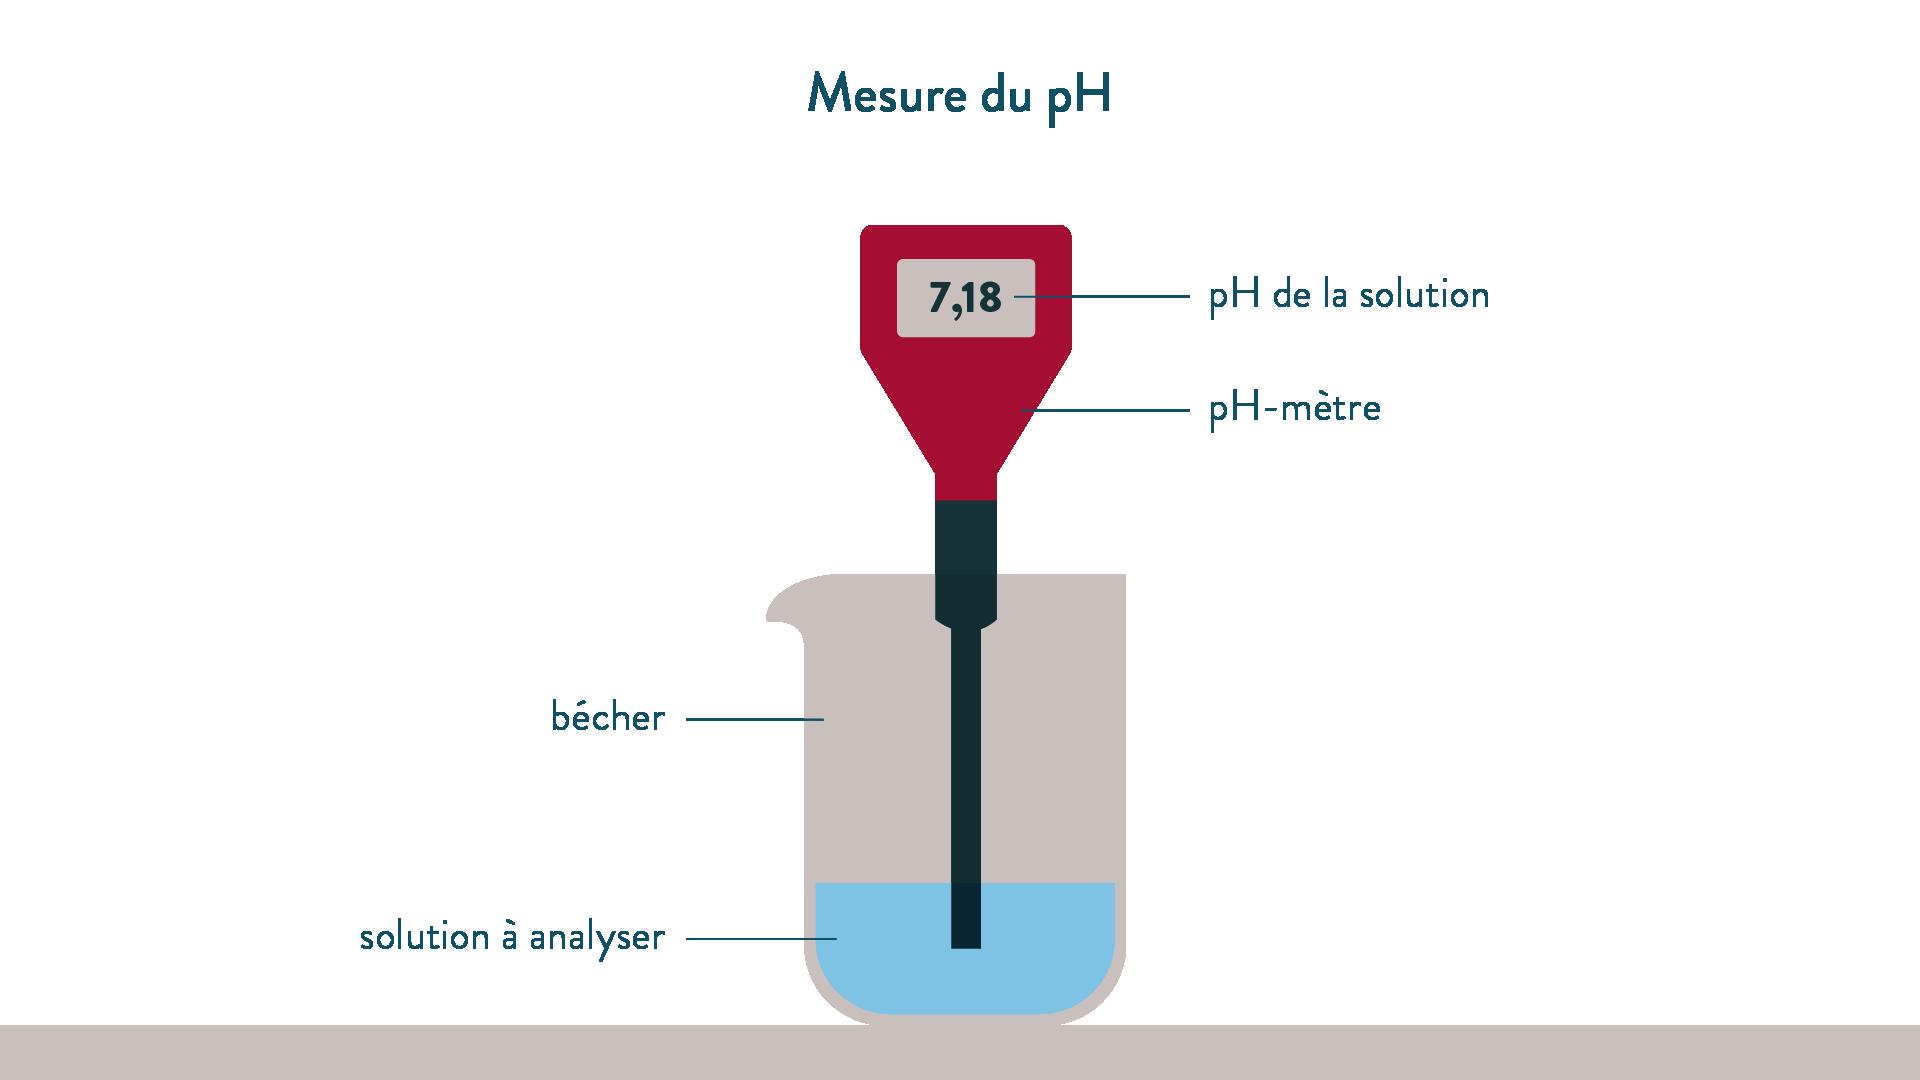 Mesure du pH